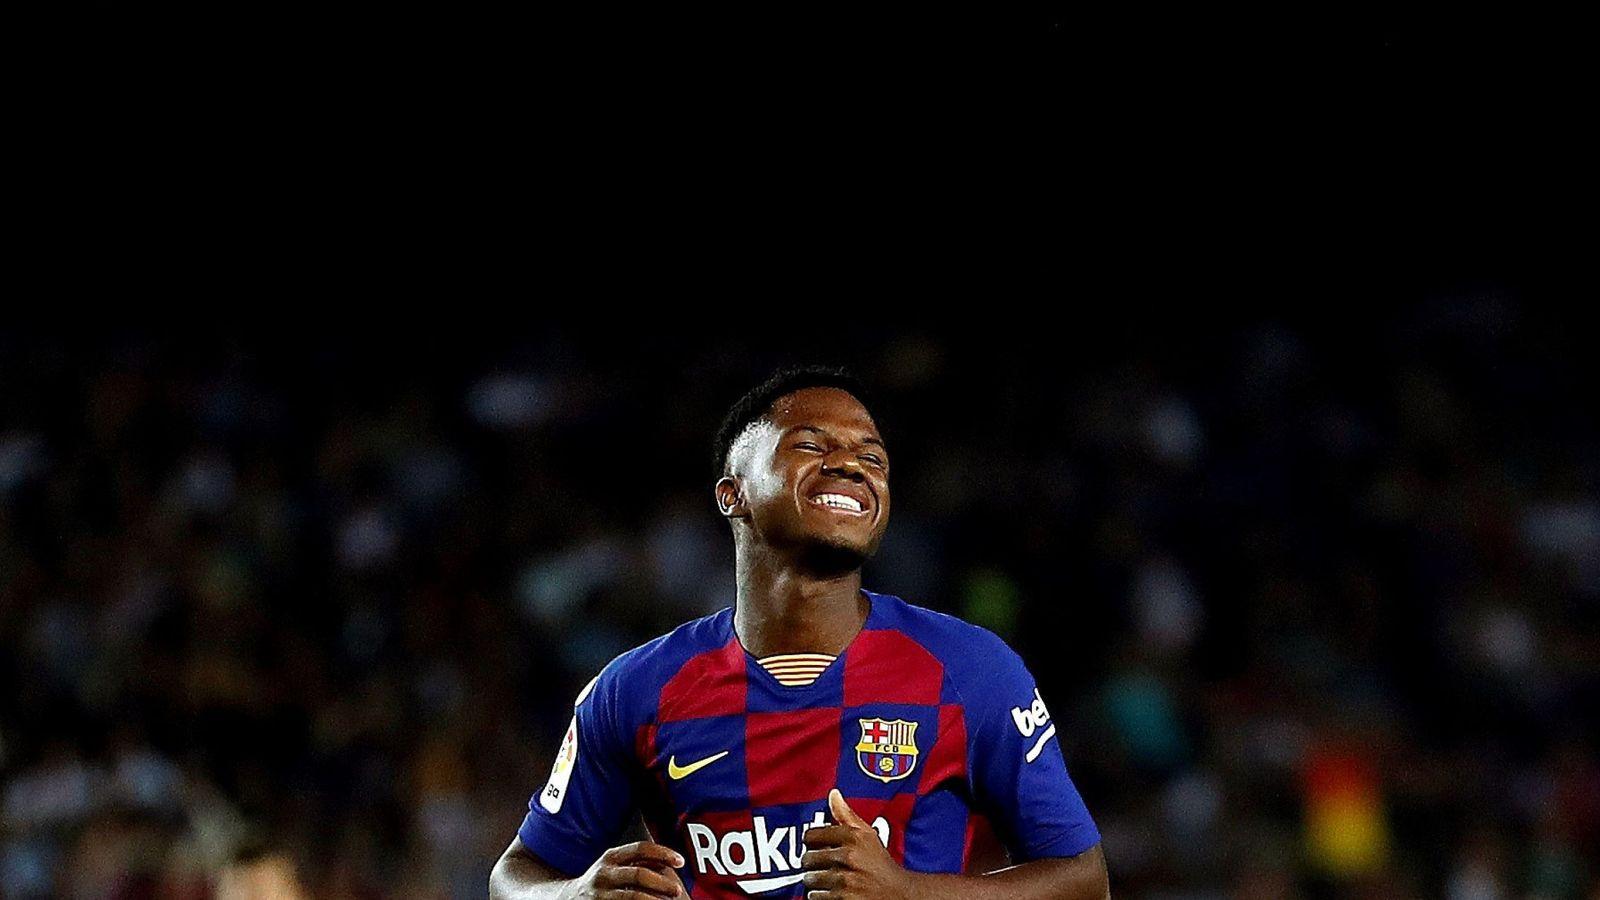 Foto: Ansu Fati con la camiseta del FC Barcelona. (EFE)